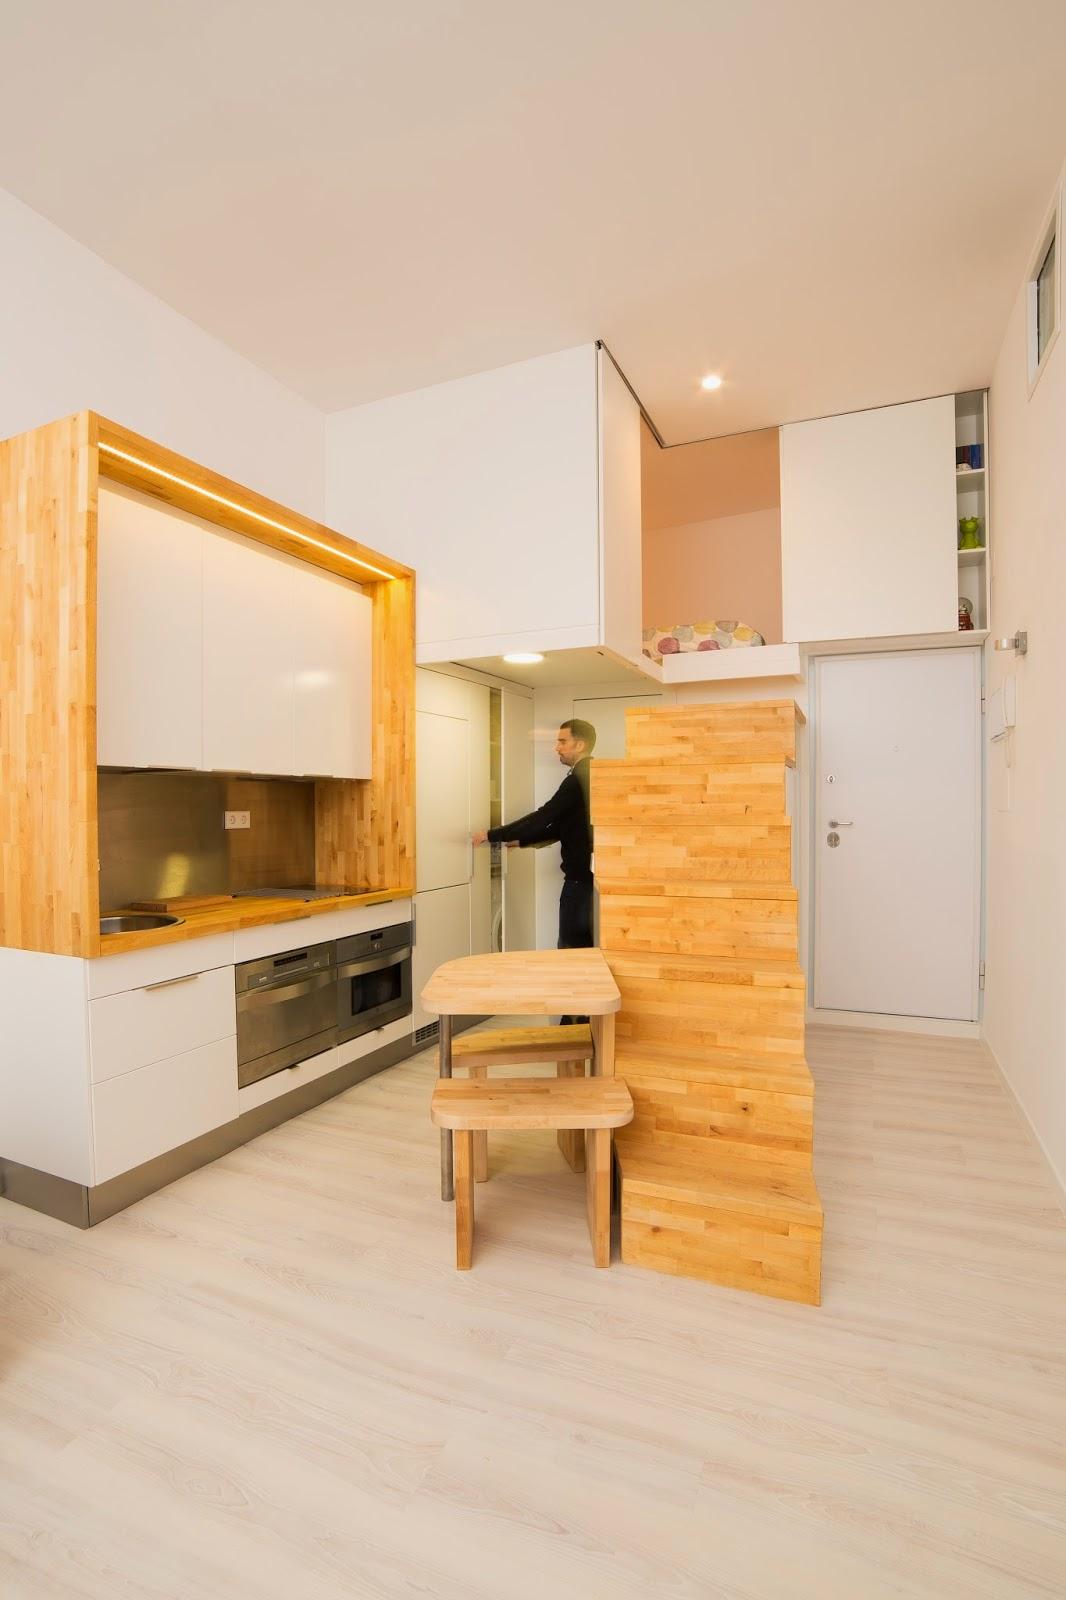 Reforma de vivienda Madrid, Rehabilitación de edificio Madrid, Arquitectos Madrid